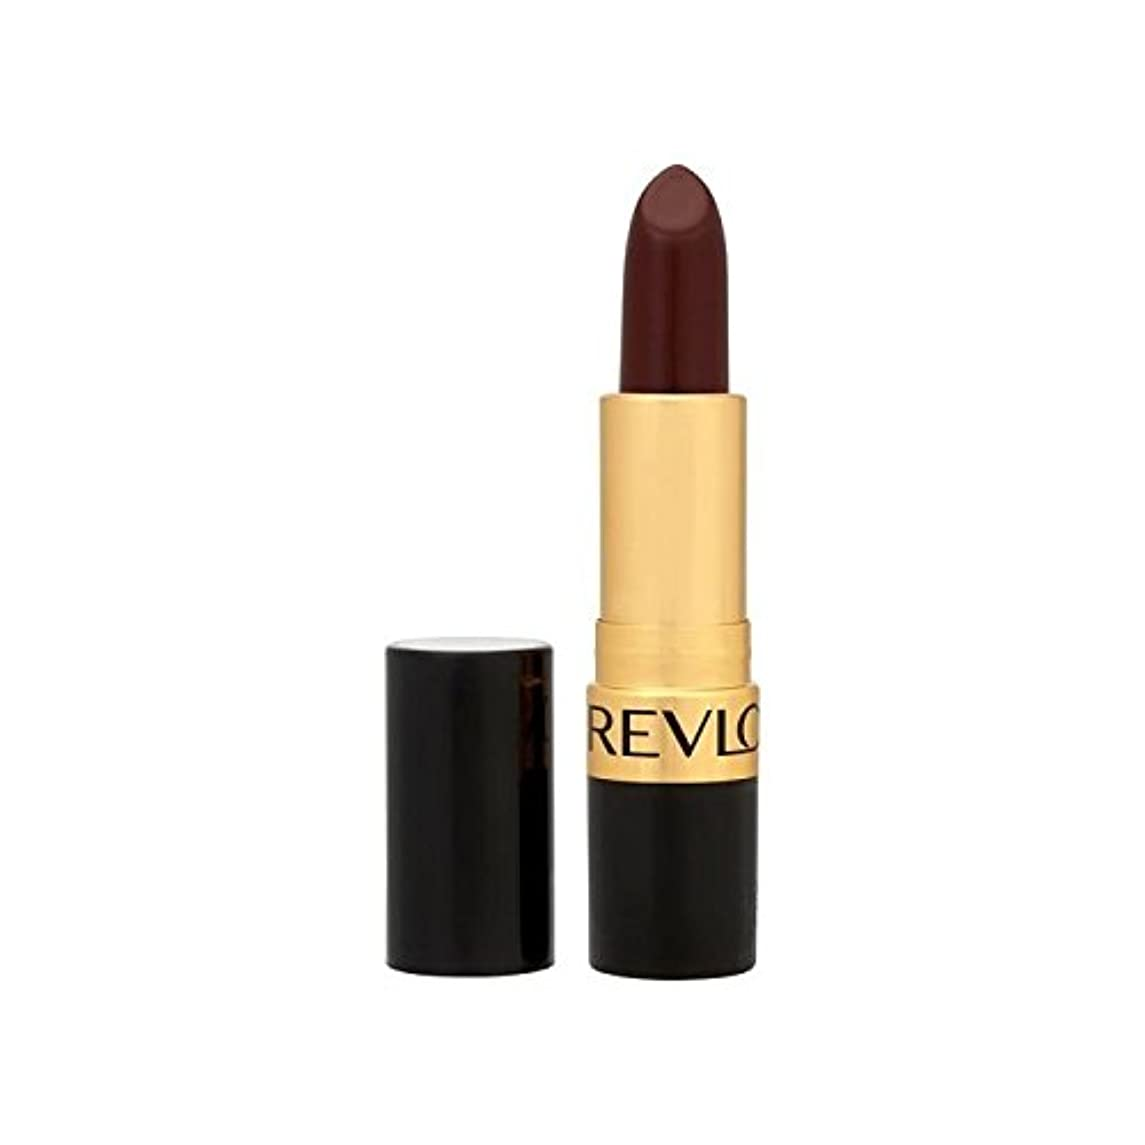 マーガレットミッチェル不満オーナーRevlon Super Lustrous Lipstick Black Cherry 477 - レブロンスーパー光沢のある口紅ブラックチェリー477 [並行輸入品]